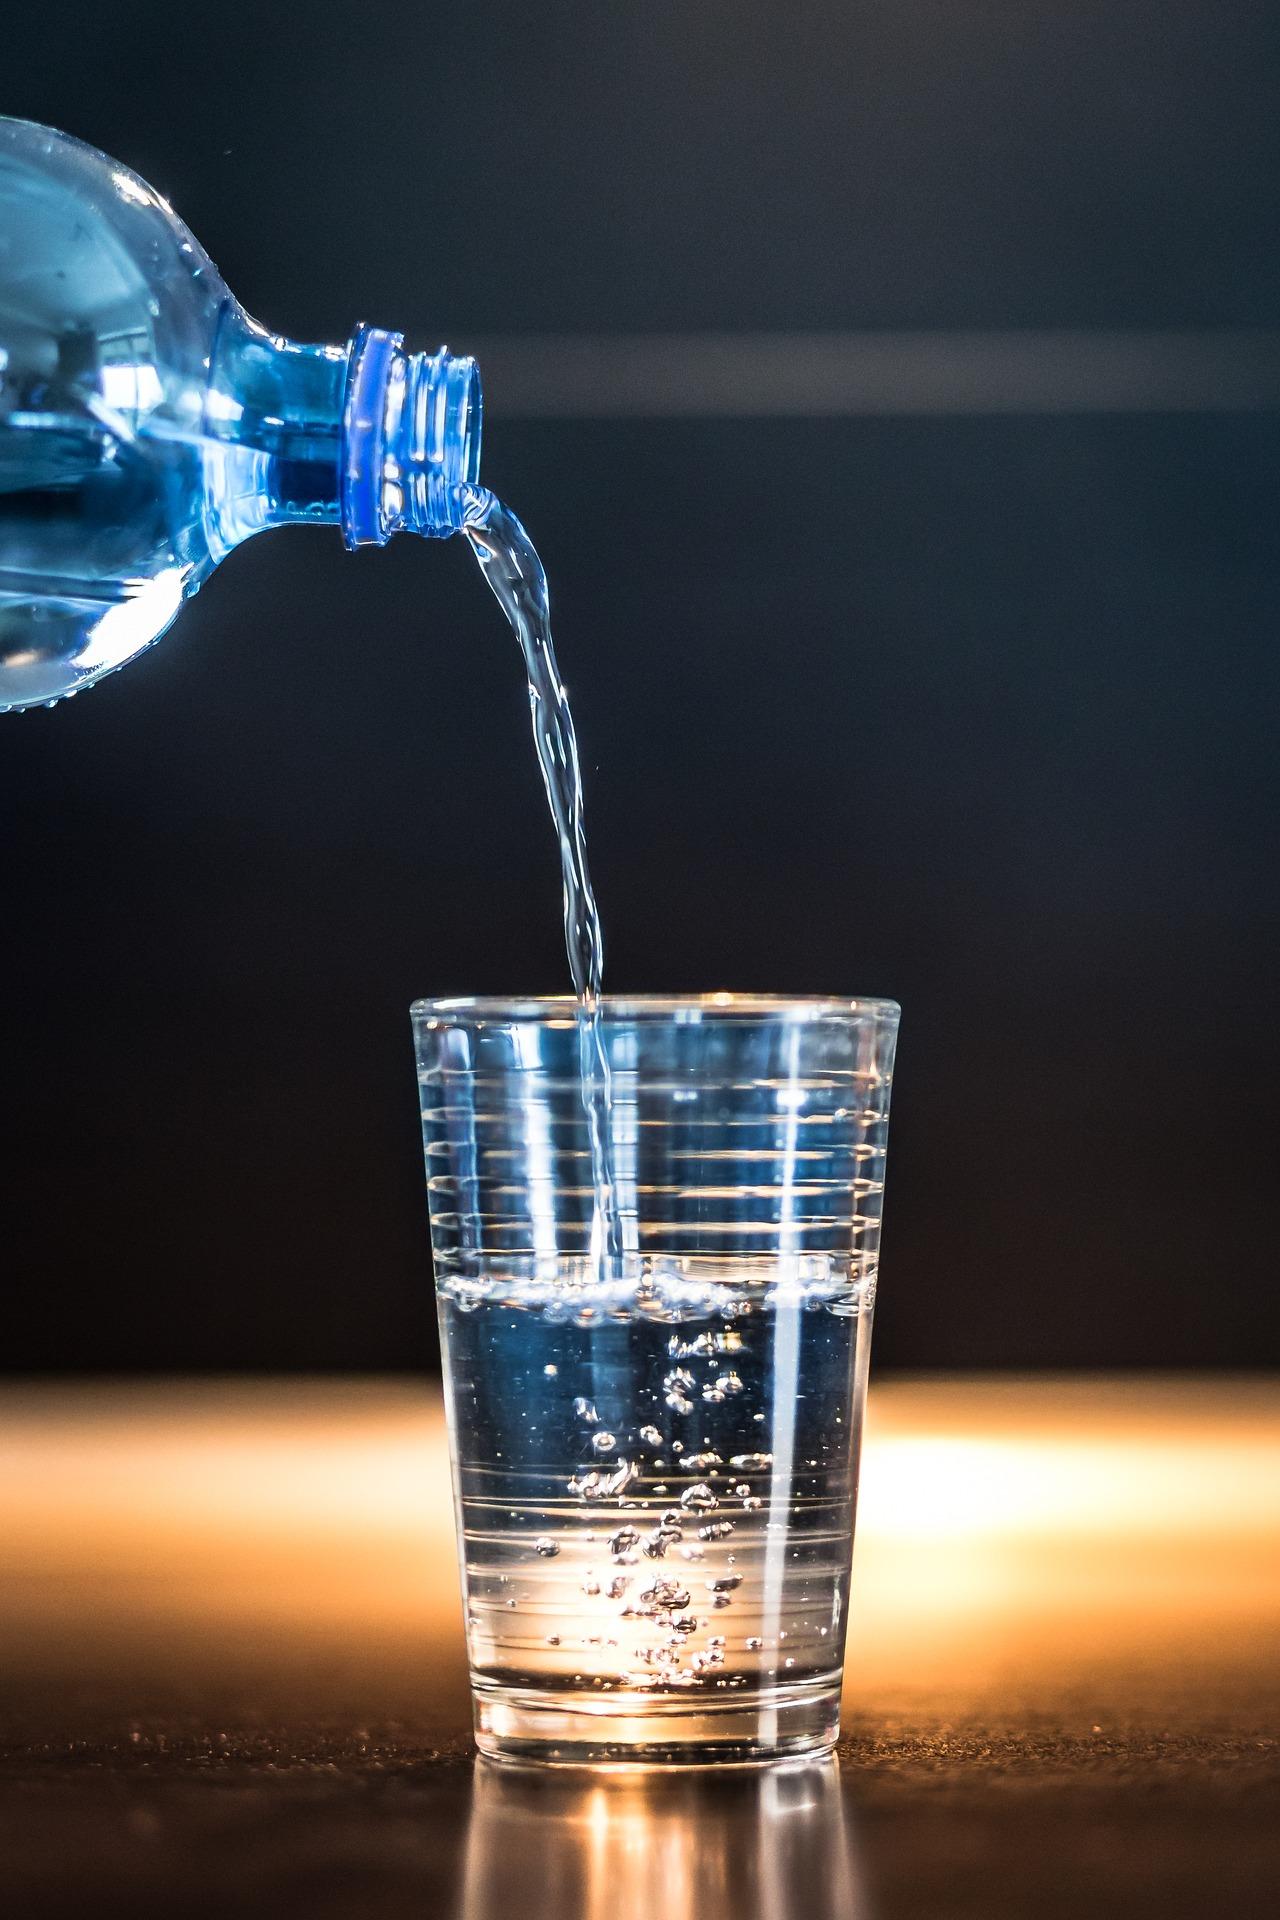 najlepsza woda mineralna